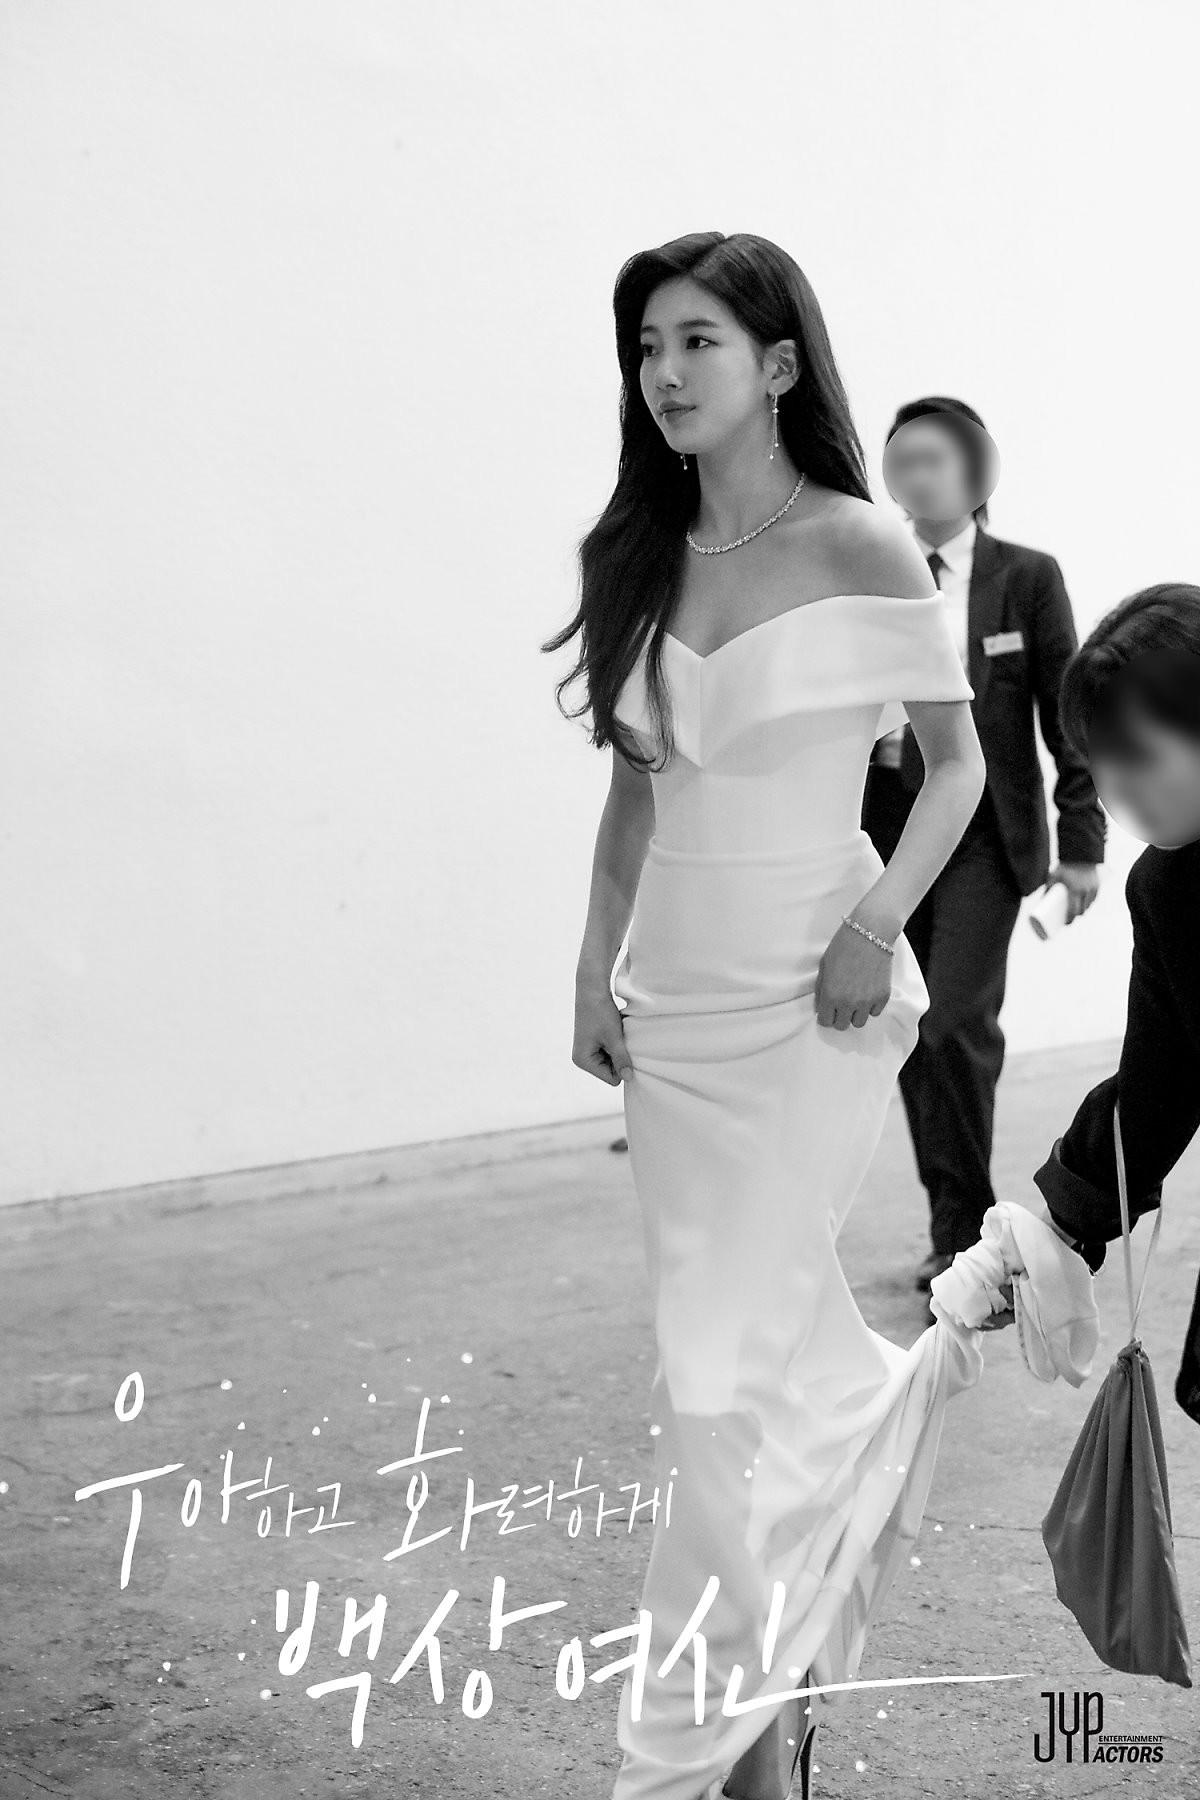 Hình hậu trường nóng hổi của Suzy tại Baeksang: Sải bước ở hầm để xe mà sang như bà hoàng, đẹp hơn cả đi thảm đỏ 8